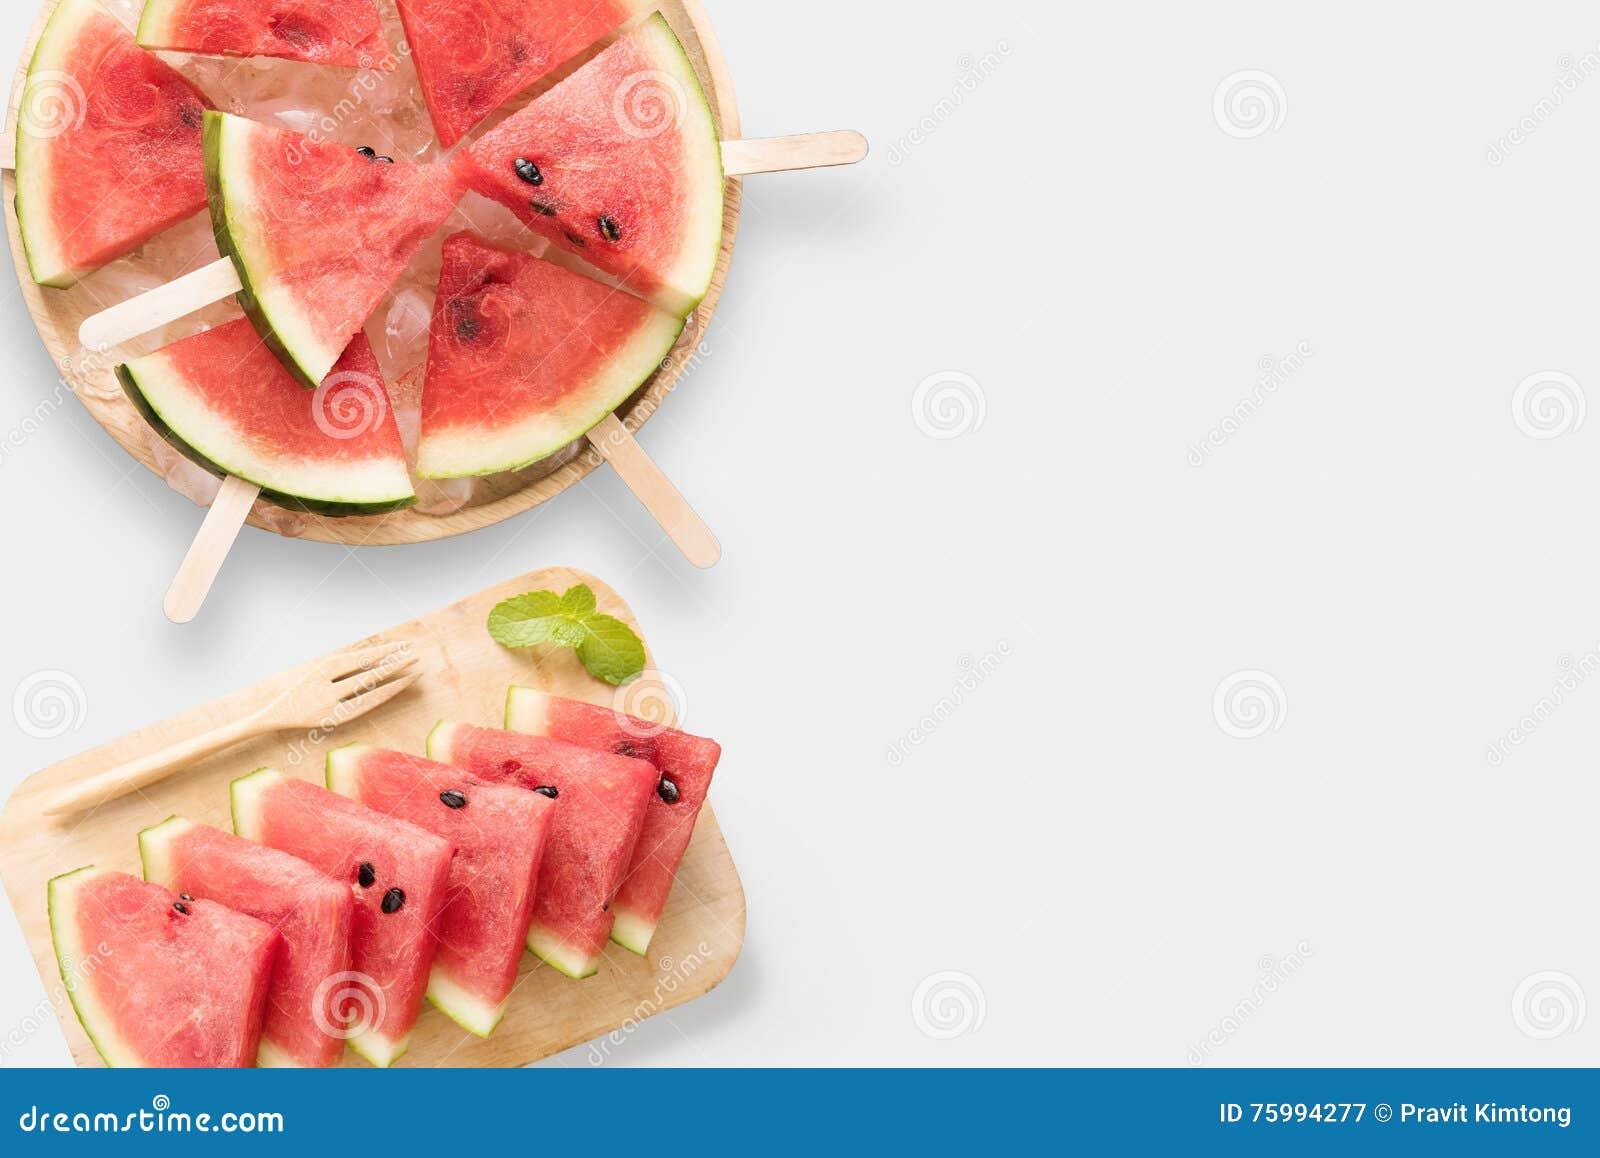 大模型健康西瓜和西瓜冰淇凌集合设计